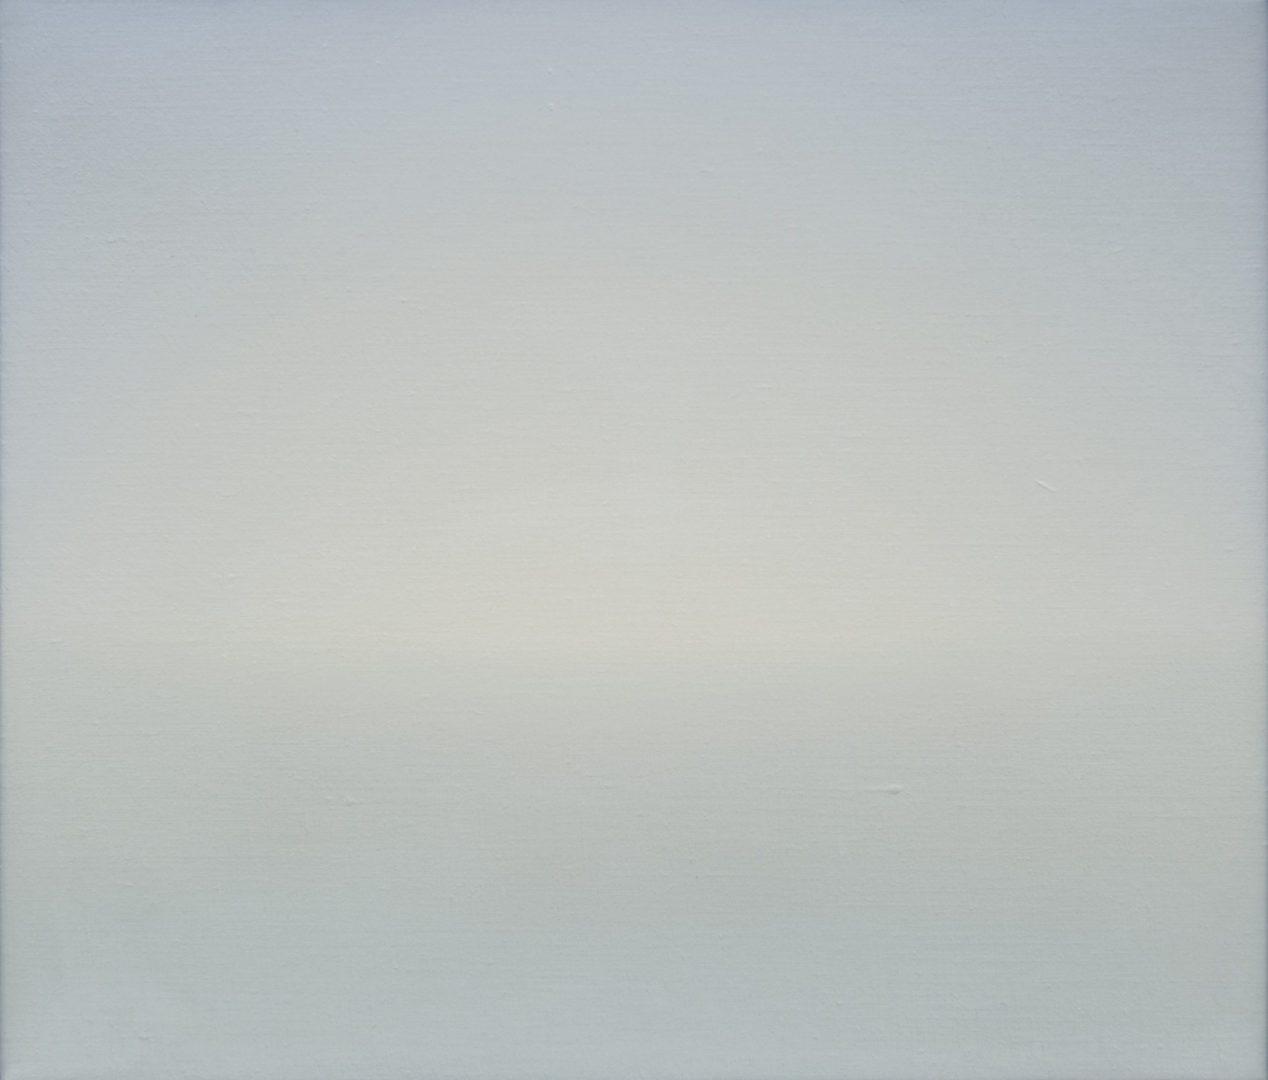 Willem van Althuis - Landschap met horizon